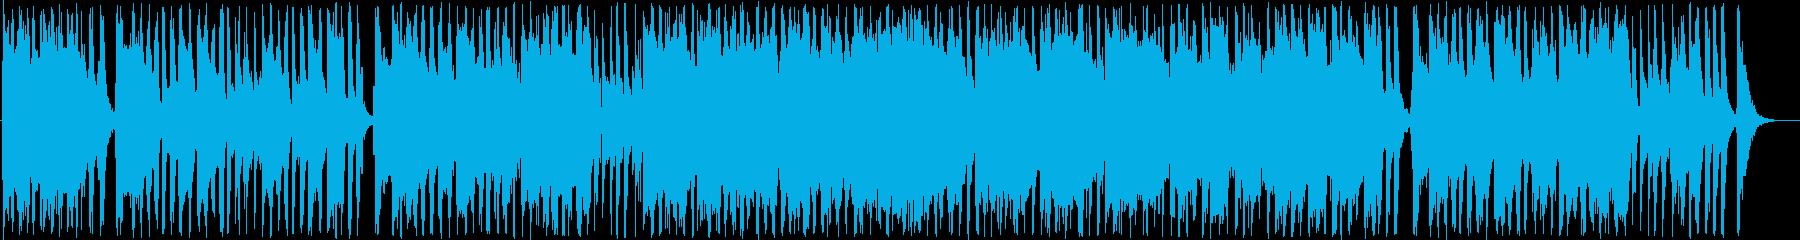 ノスタルジックなギター・シンセ系ポップの再生済みの波形